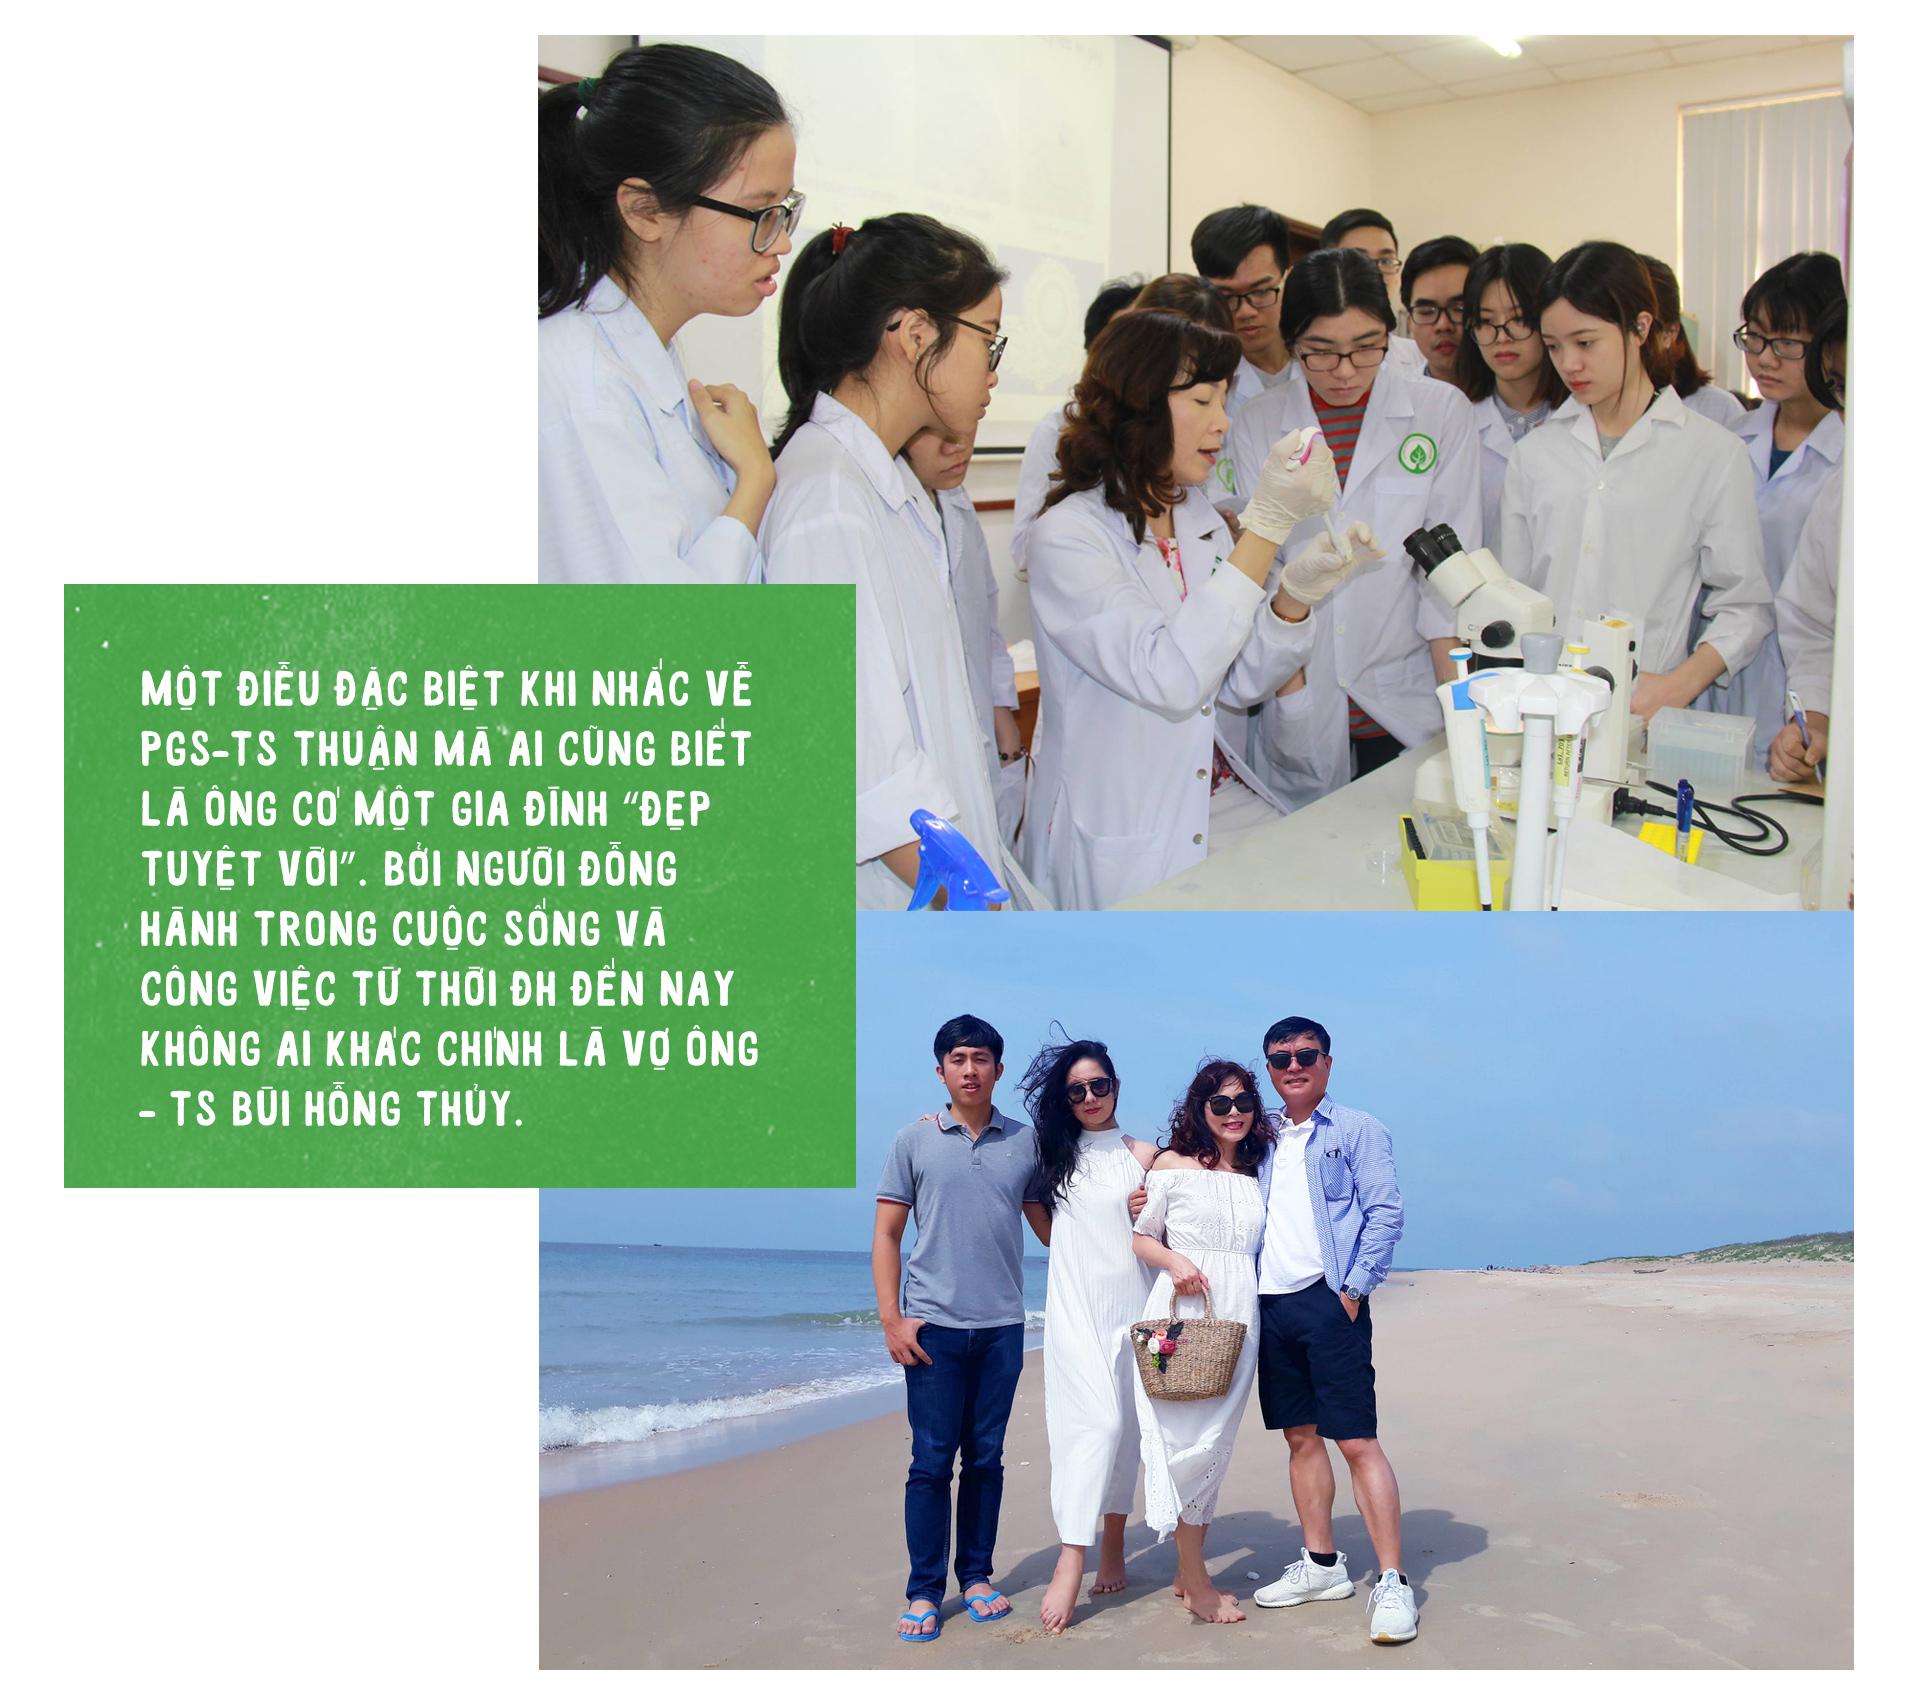 Hành trình 'phải về thôi' của Giáo sư Nguyễn Văn Thuận - ảnh 8